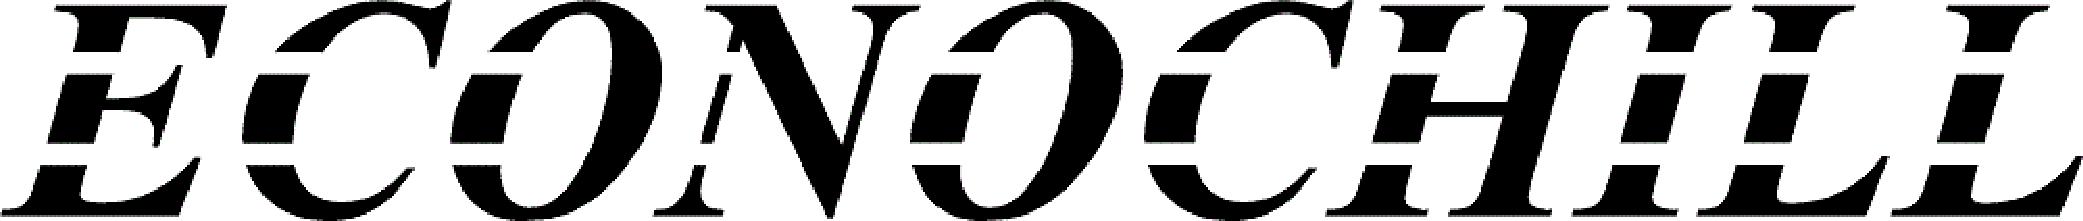 Econochill logo